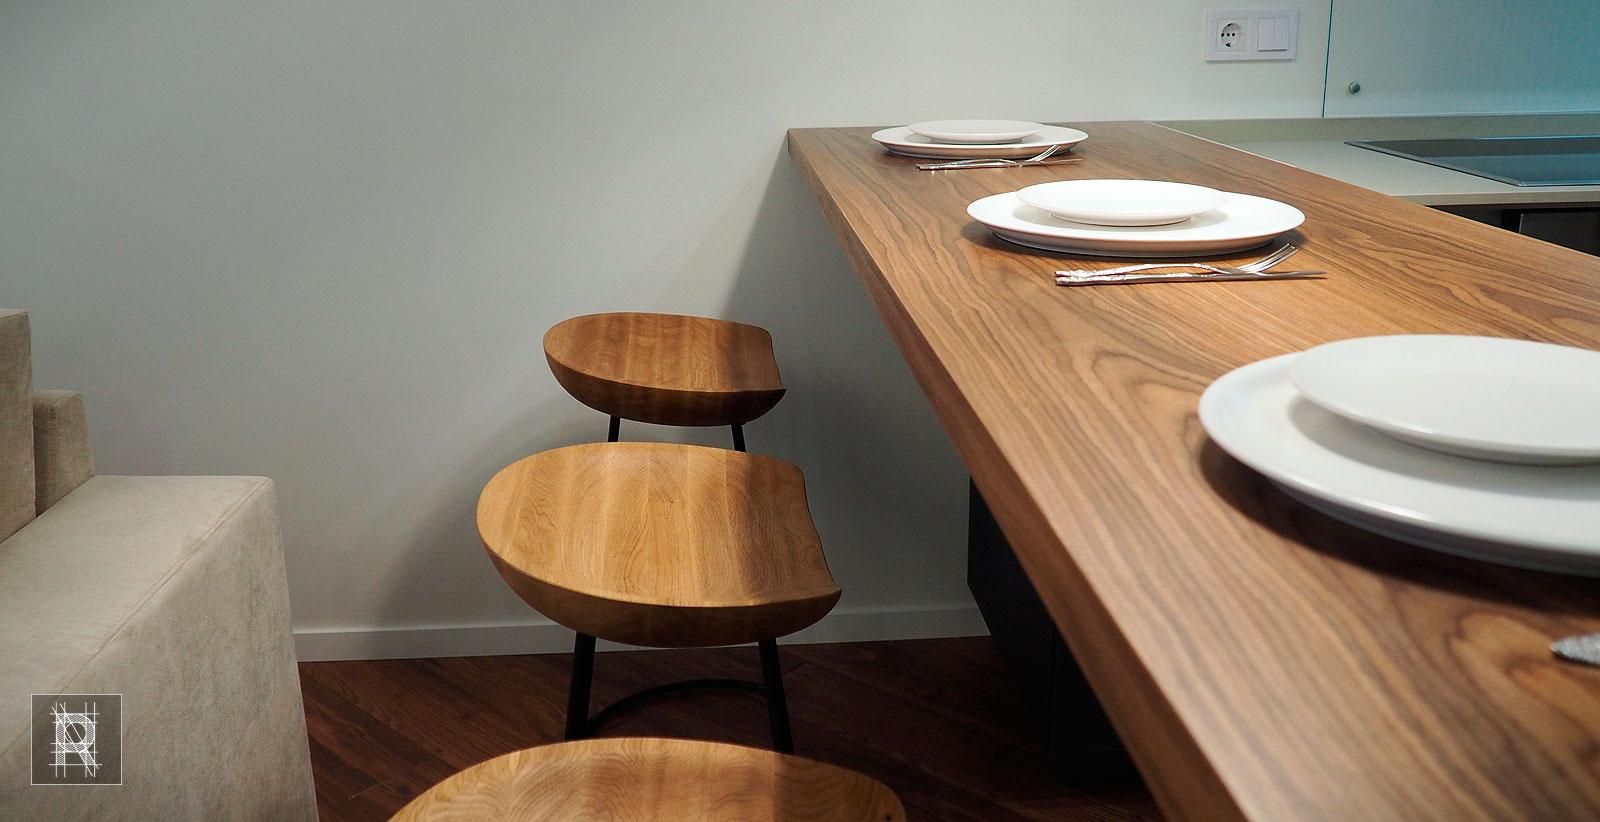 Фото стульев и столешницы на объекте